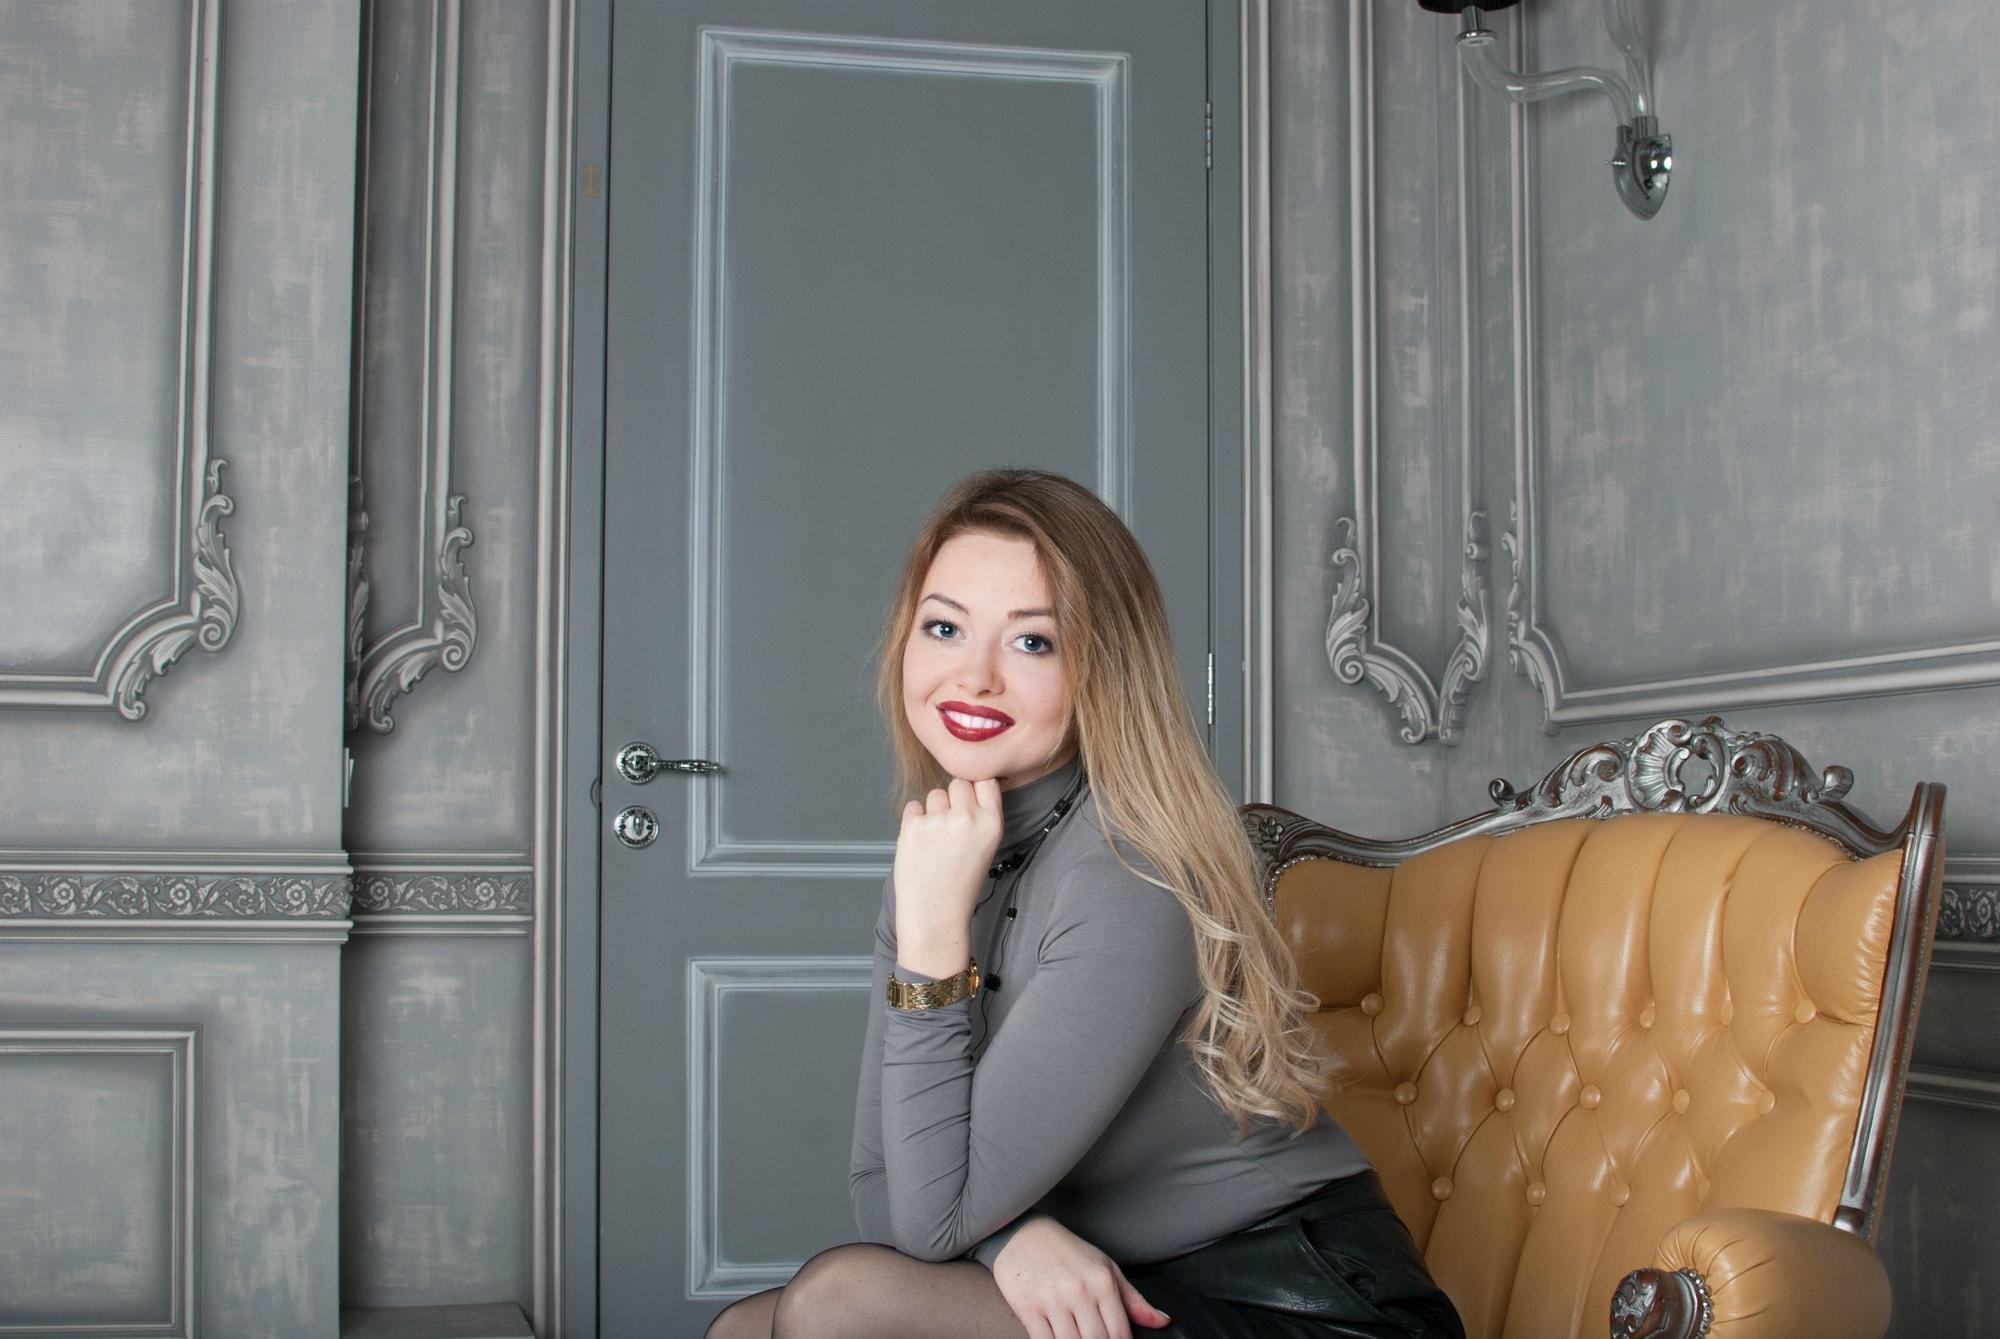 Портфолио девушки на работе заработать онлайн богданович